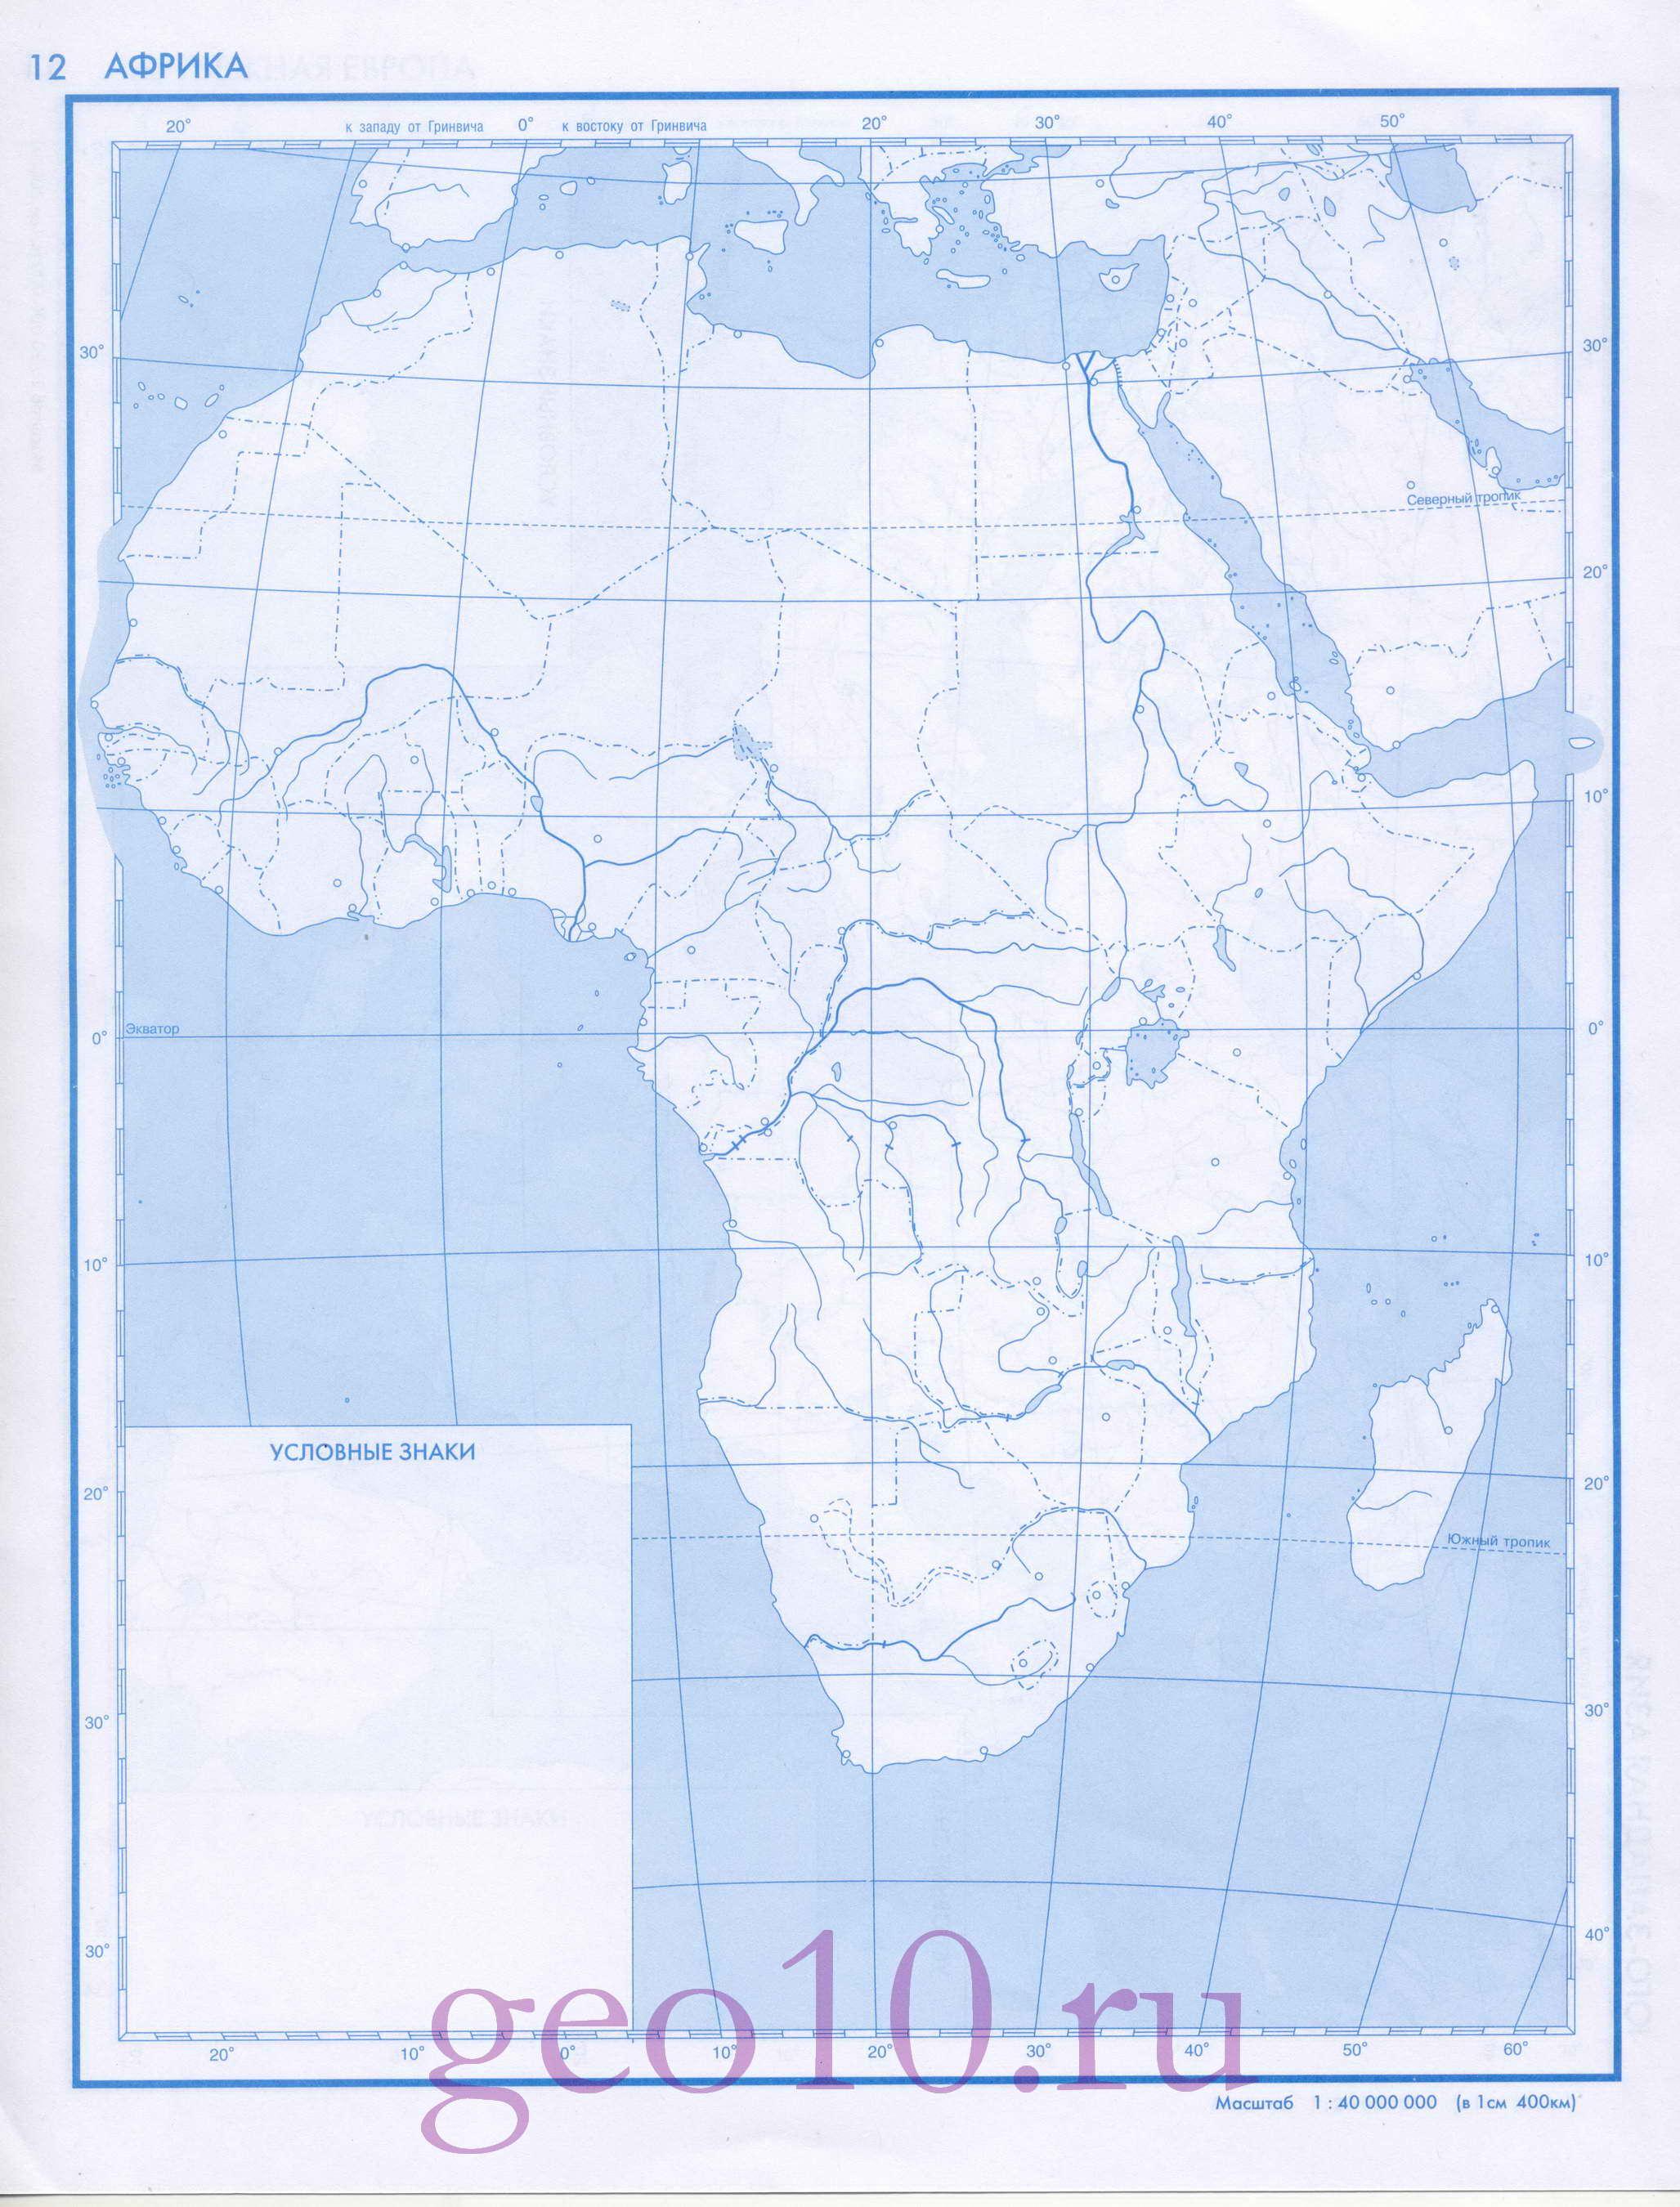 картинки африки скачать бесплатно